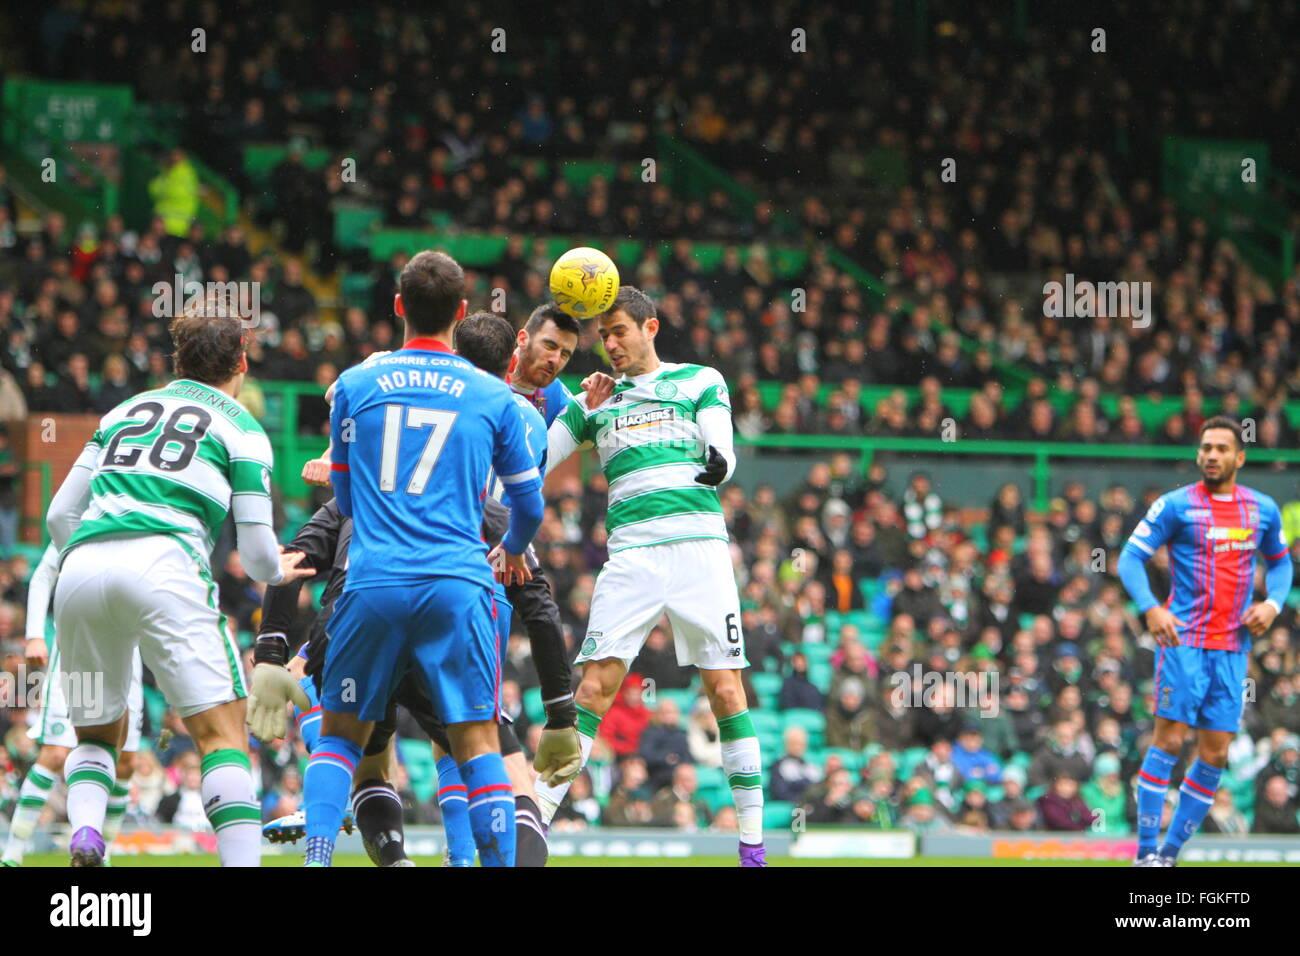 Celtic Park, Glasgow, Scotland. 20th Feb, 2016. Scottish Premier League. Celtic versus Inverness CT. Nir Bitton - Stock Image